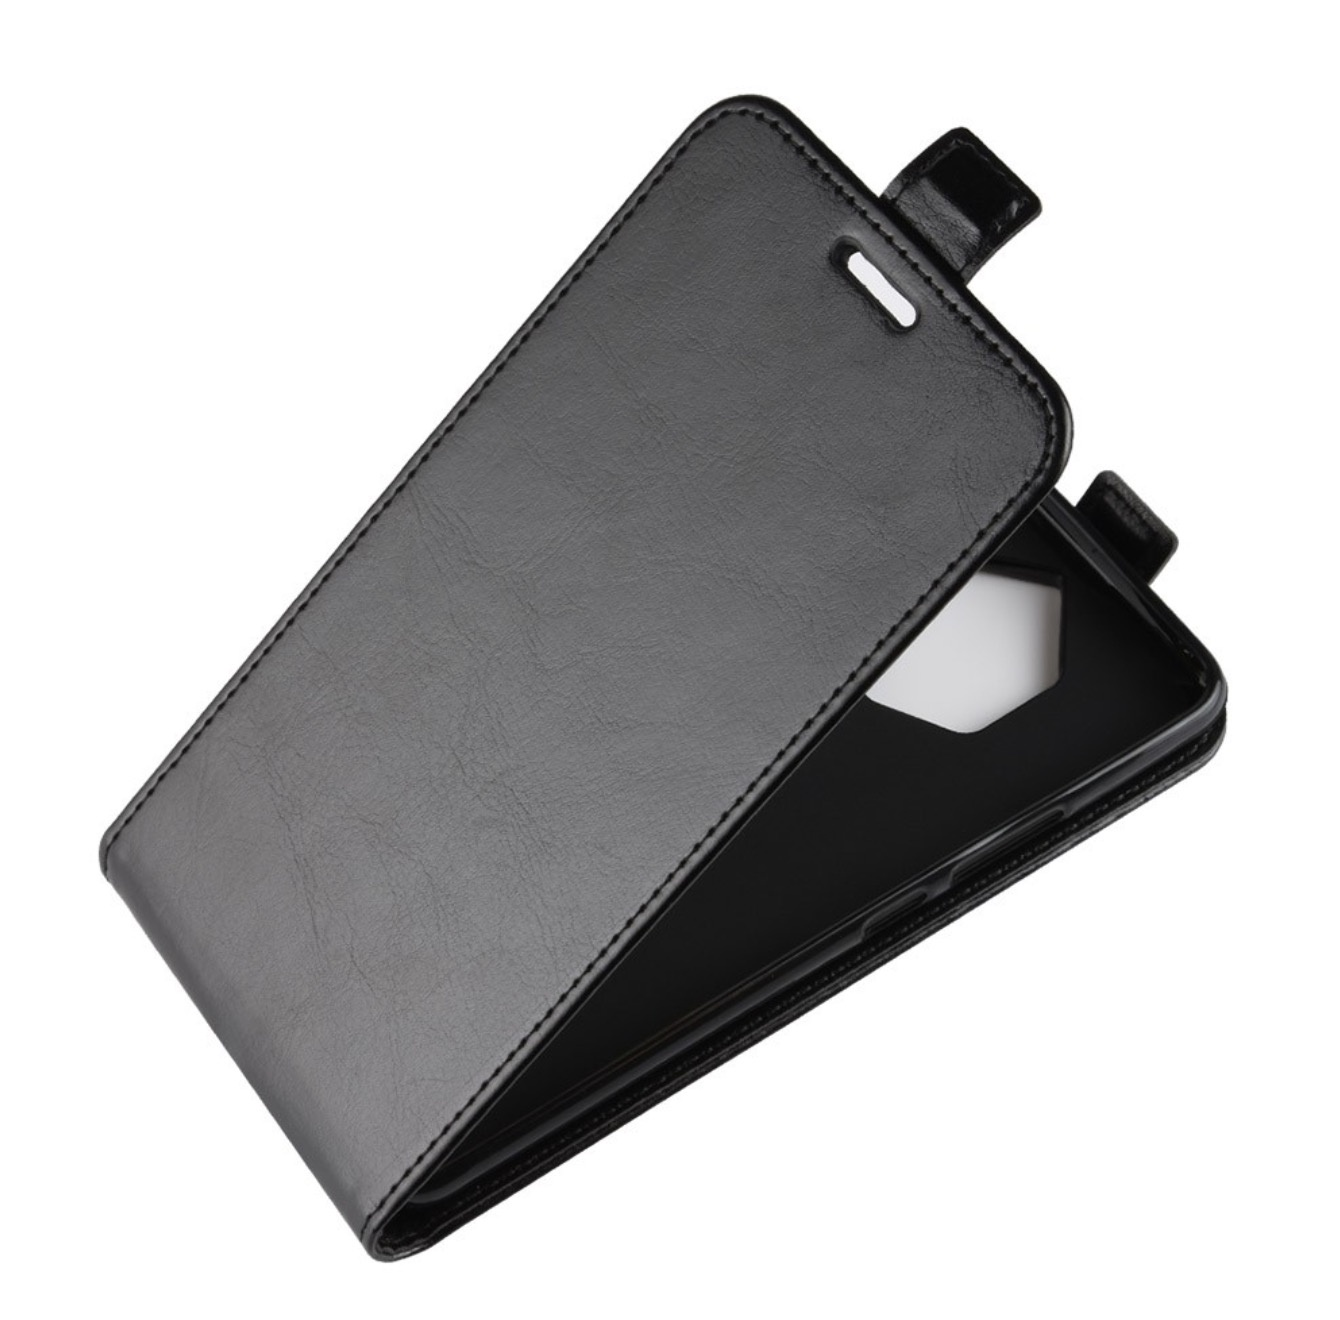 Чехол-флип MyPads для Huawei Honor 5C/7 Lite/GT3 5.2 вертикальный откидной черный